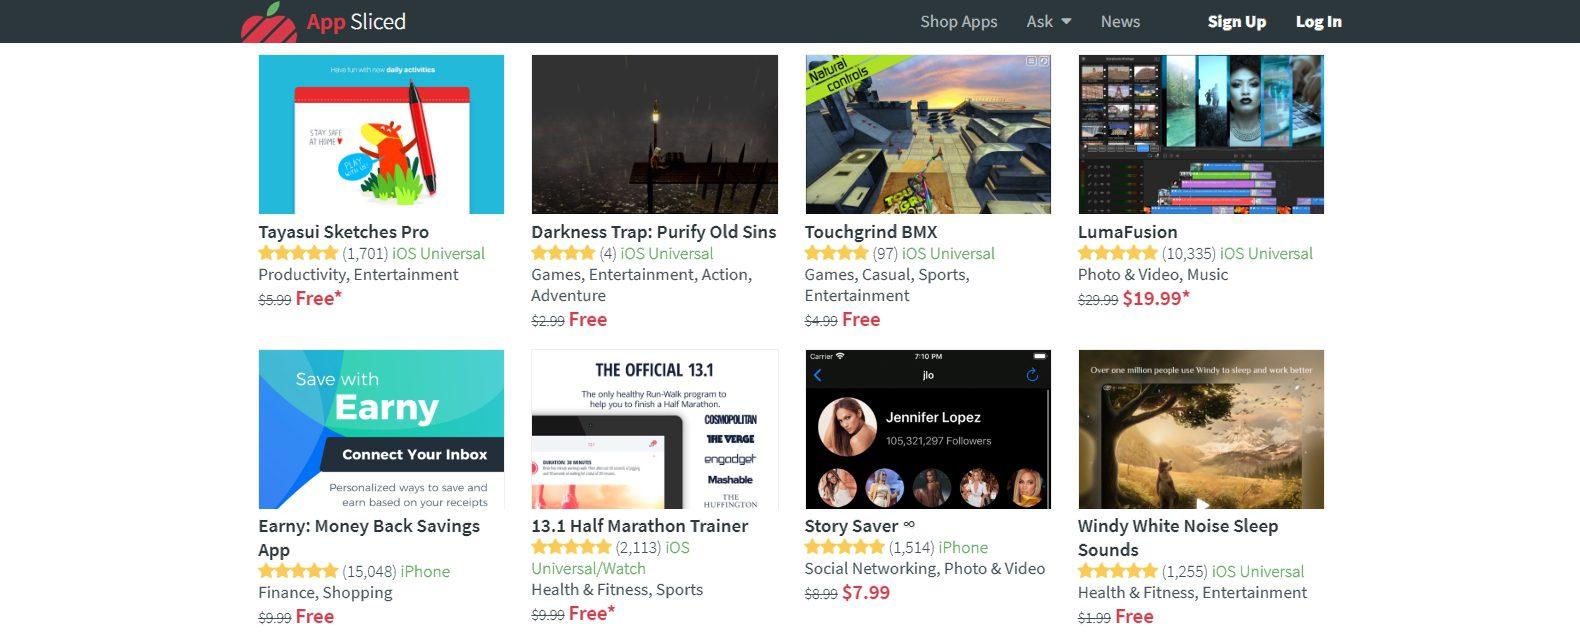 أفضل 3 مواقع لمتابعة أخر عروض وتخفيضات تطبيقات وألعاب الأيفون والأيباد